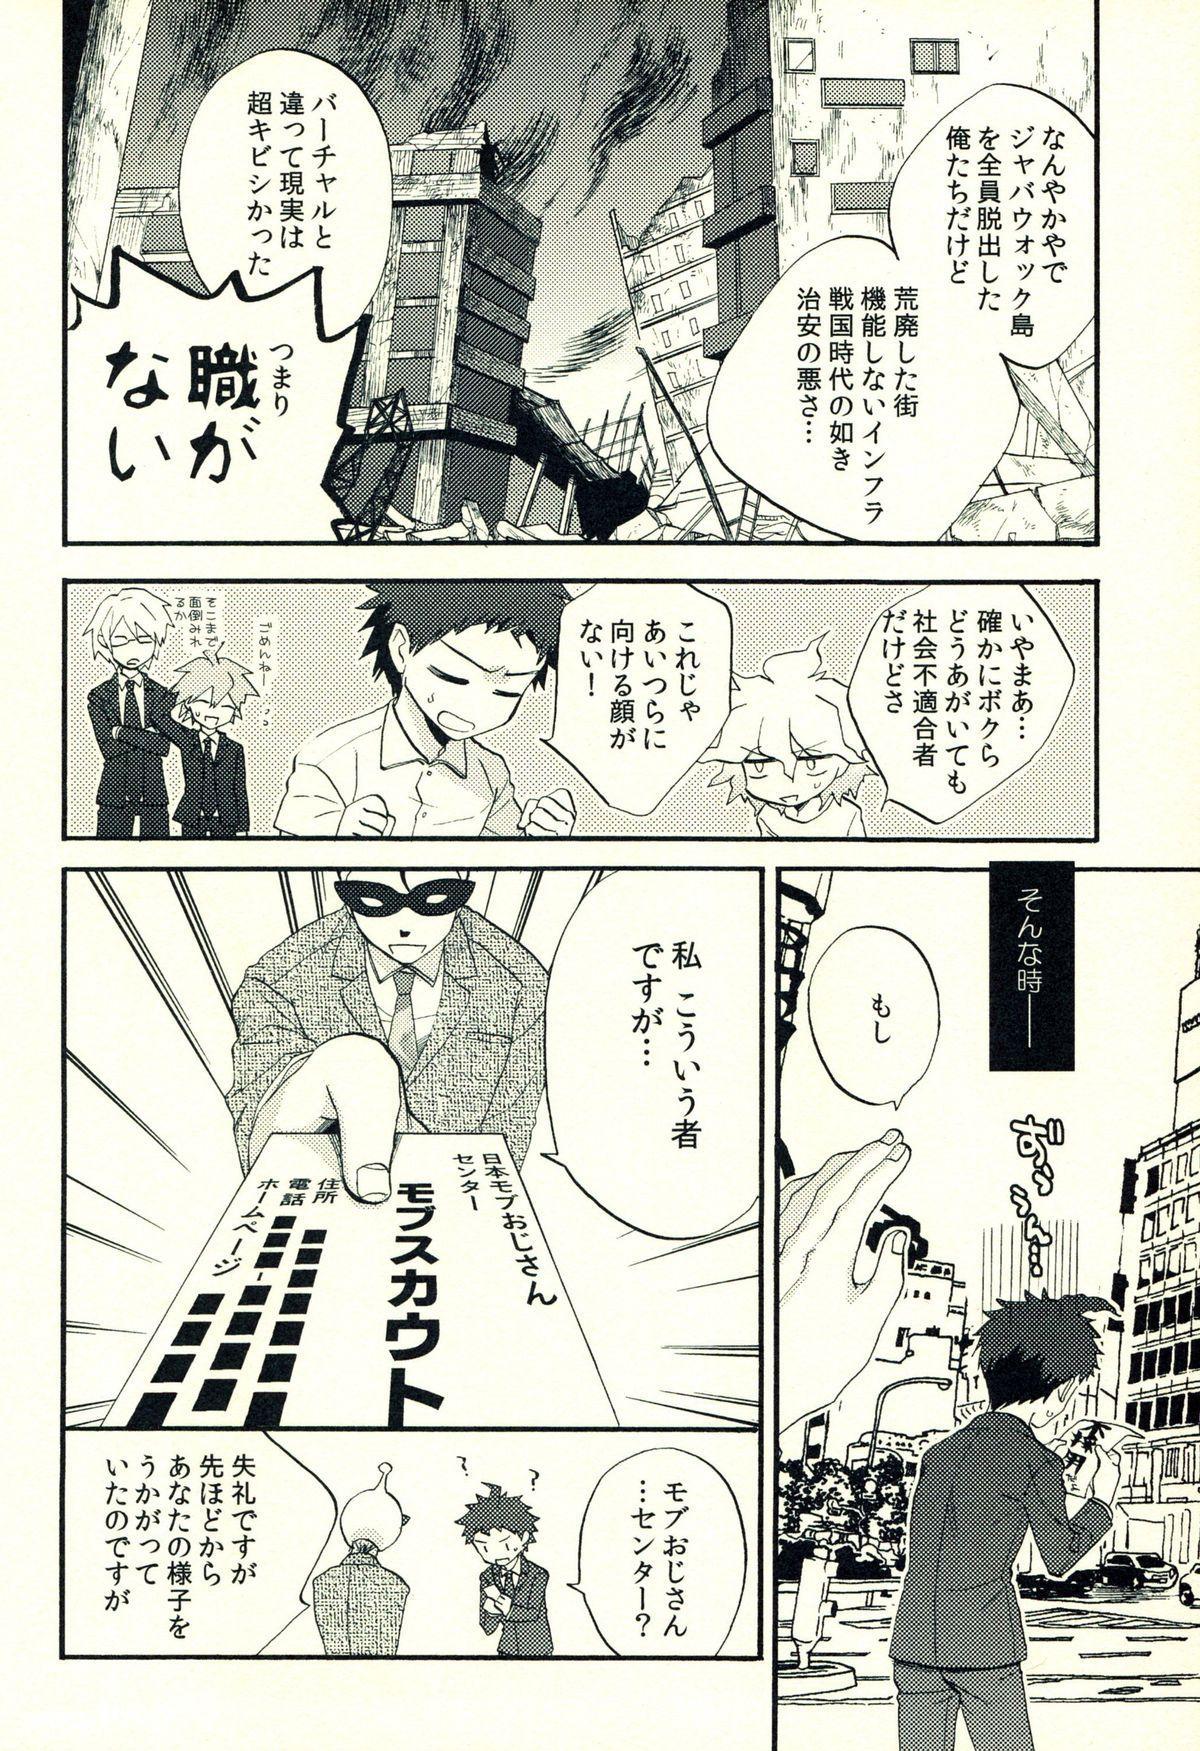 Hinata Hajime no Himitsu no Jikan 12